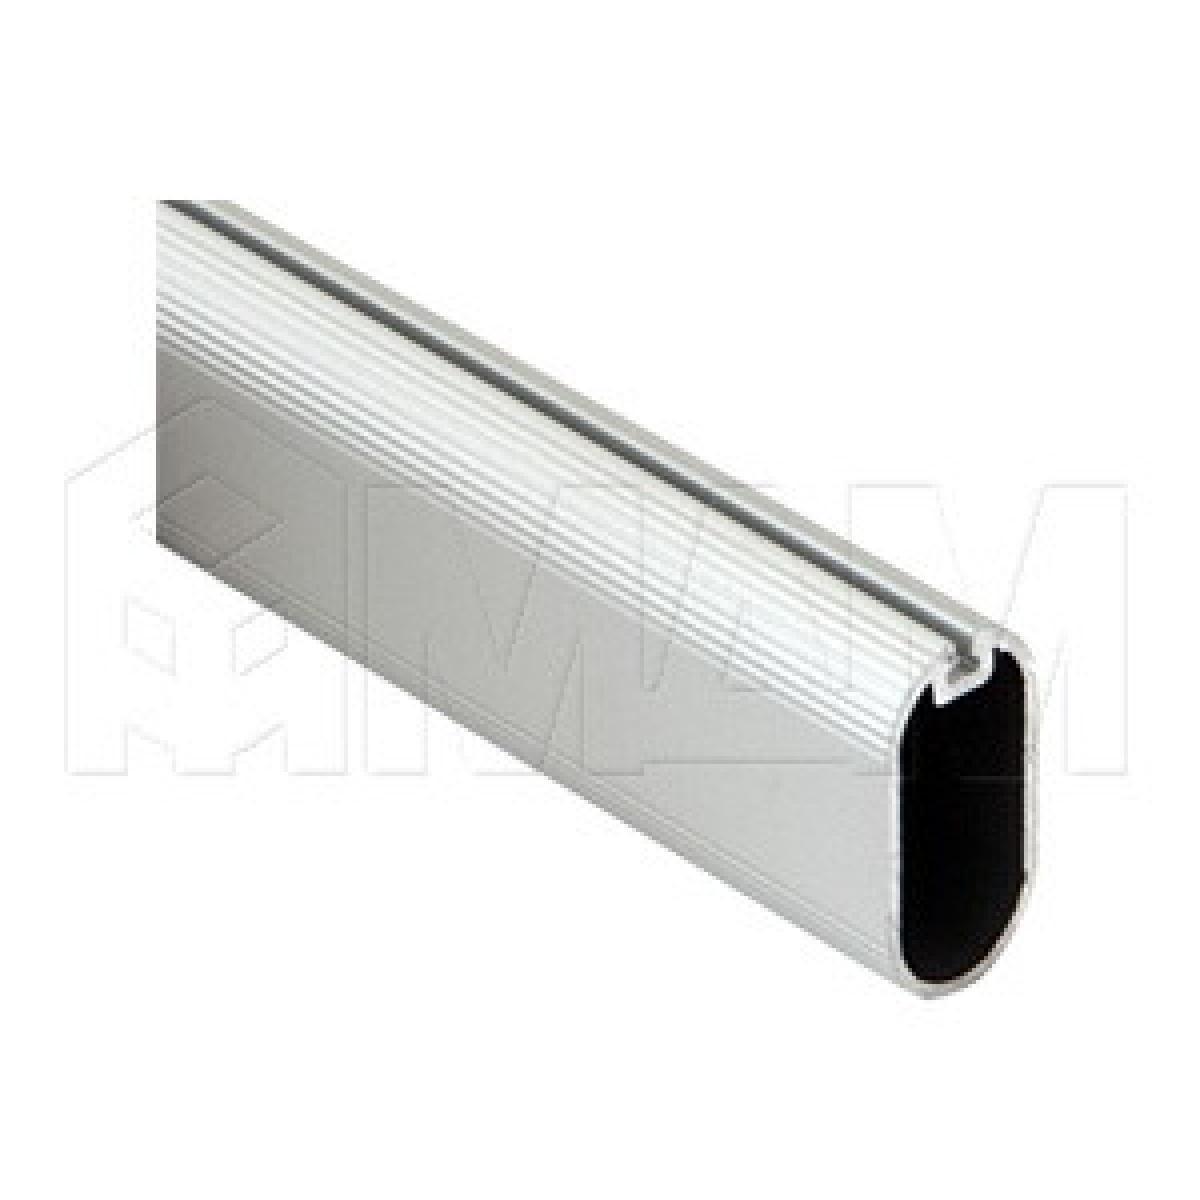 Штанга овальная 15х30, серебро, L-3000